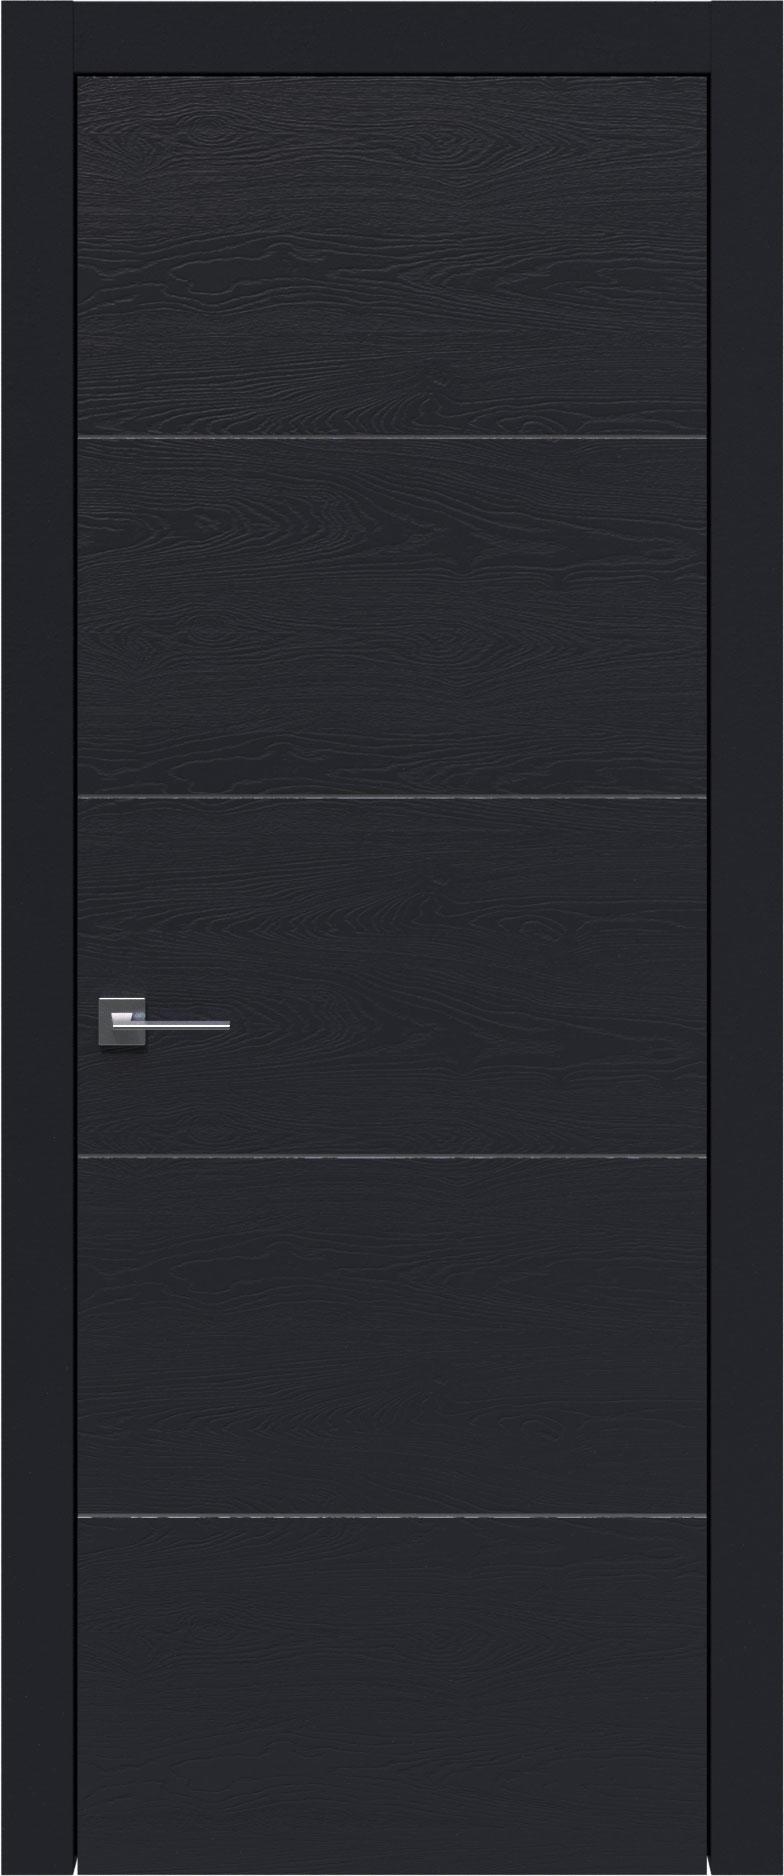 Tivoli Д-2 цвет - Черная эмаль по шпону (RAL 9004) Без стекла (ДГ)